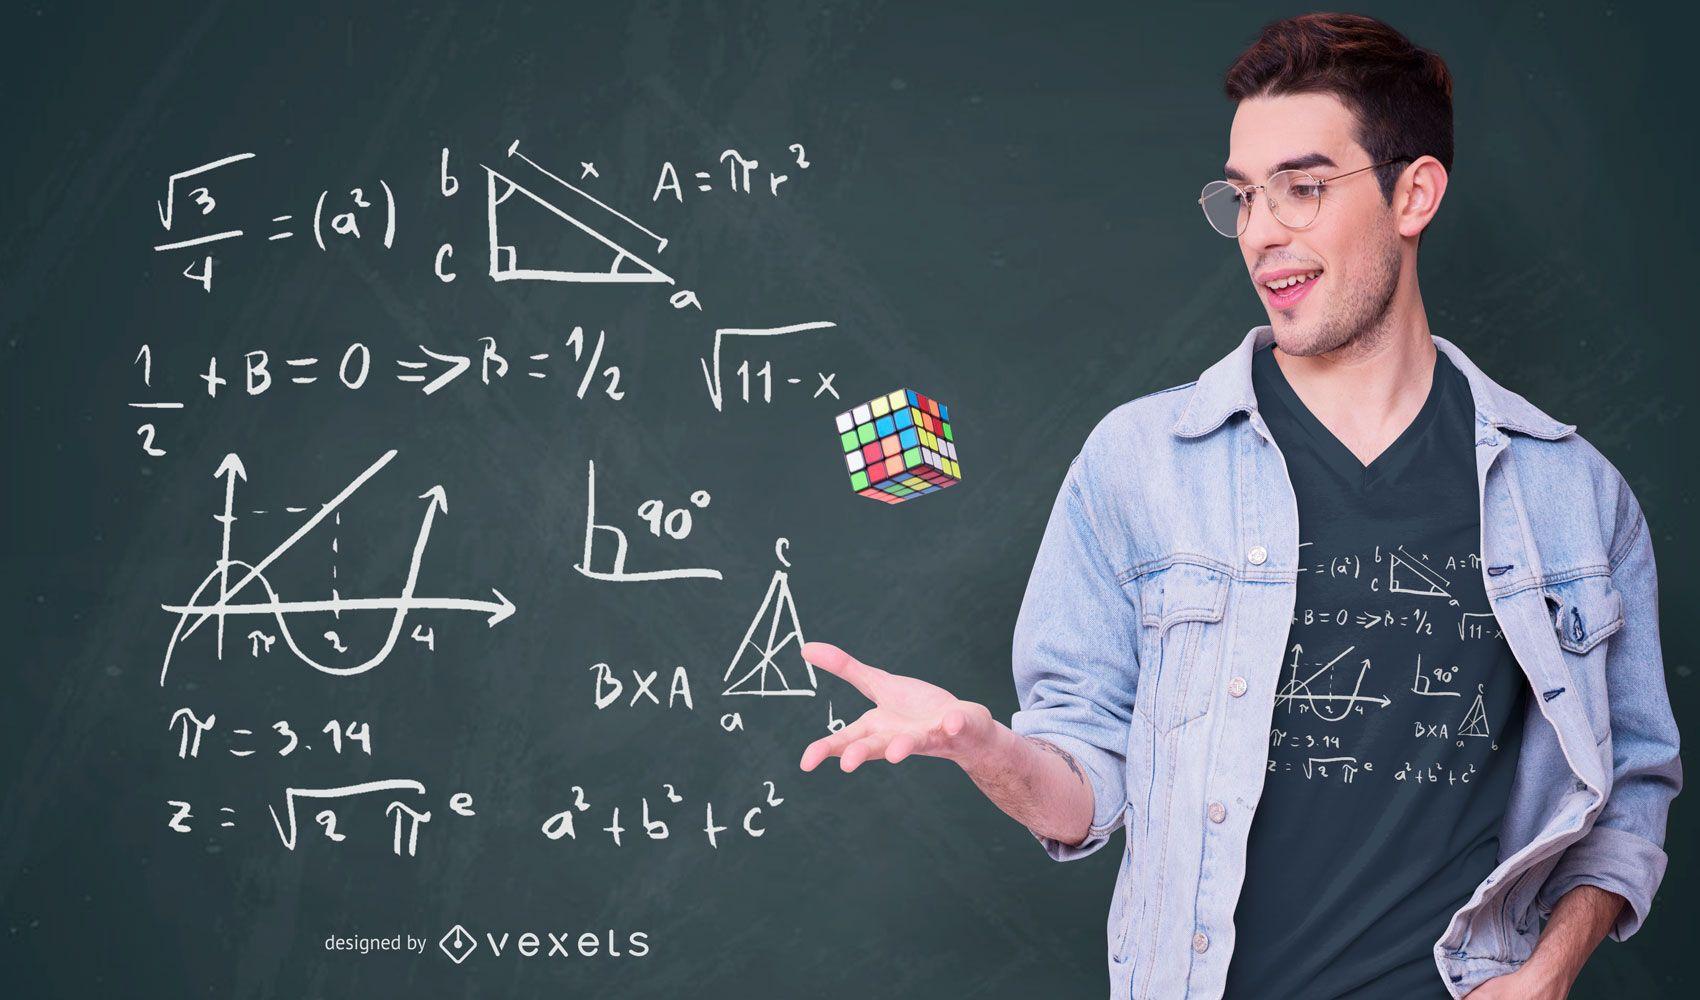 Diseño de camiseta de fórmulas matemáticas.